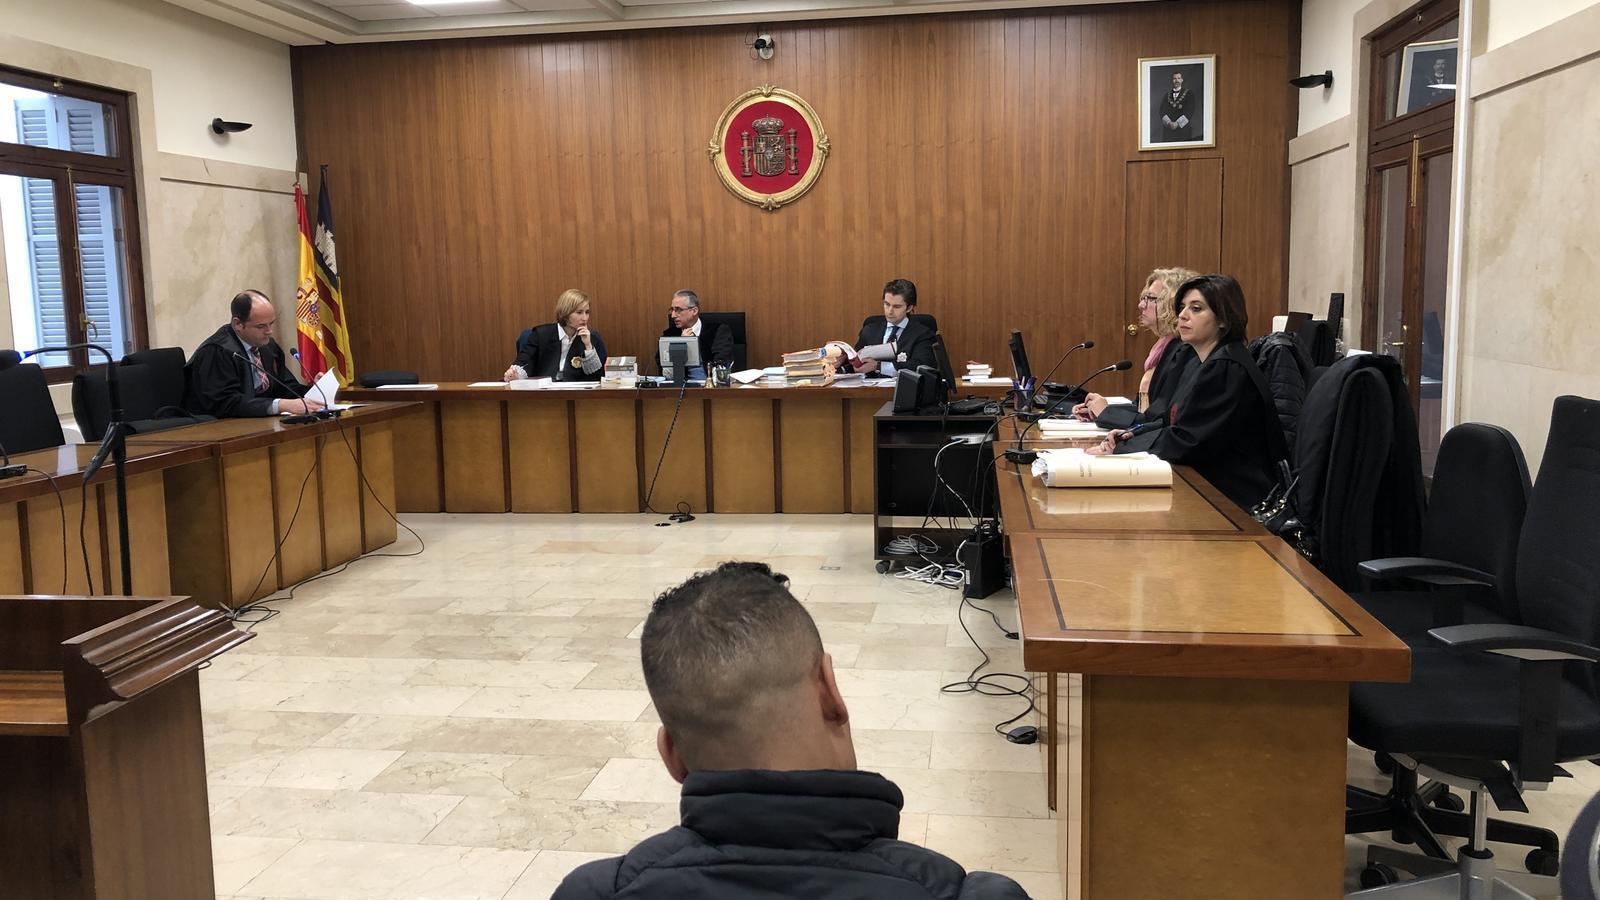 Expulsaran de Balears a un condemnat per agressió sexual i maltractament continuat a la seva parella